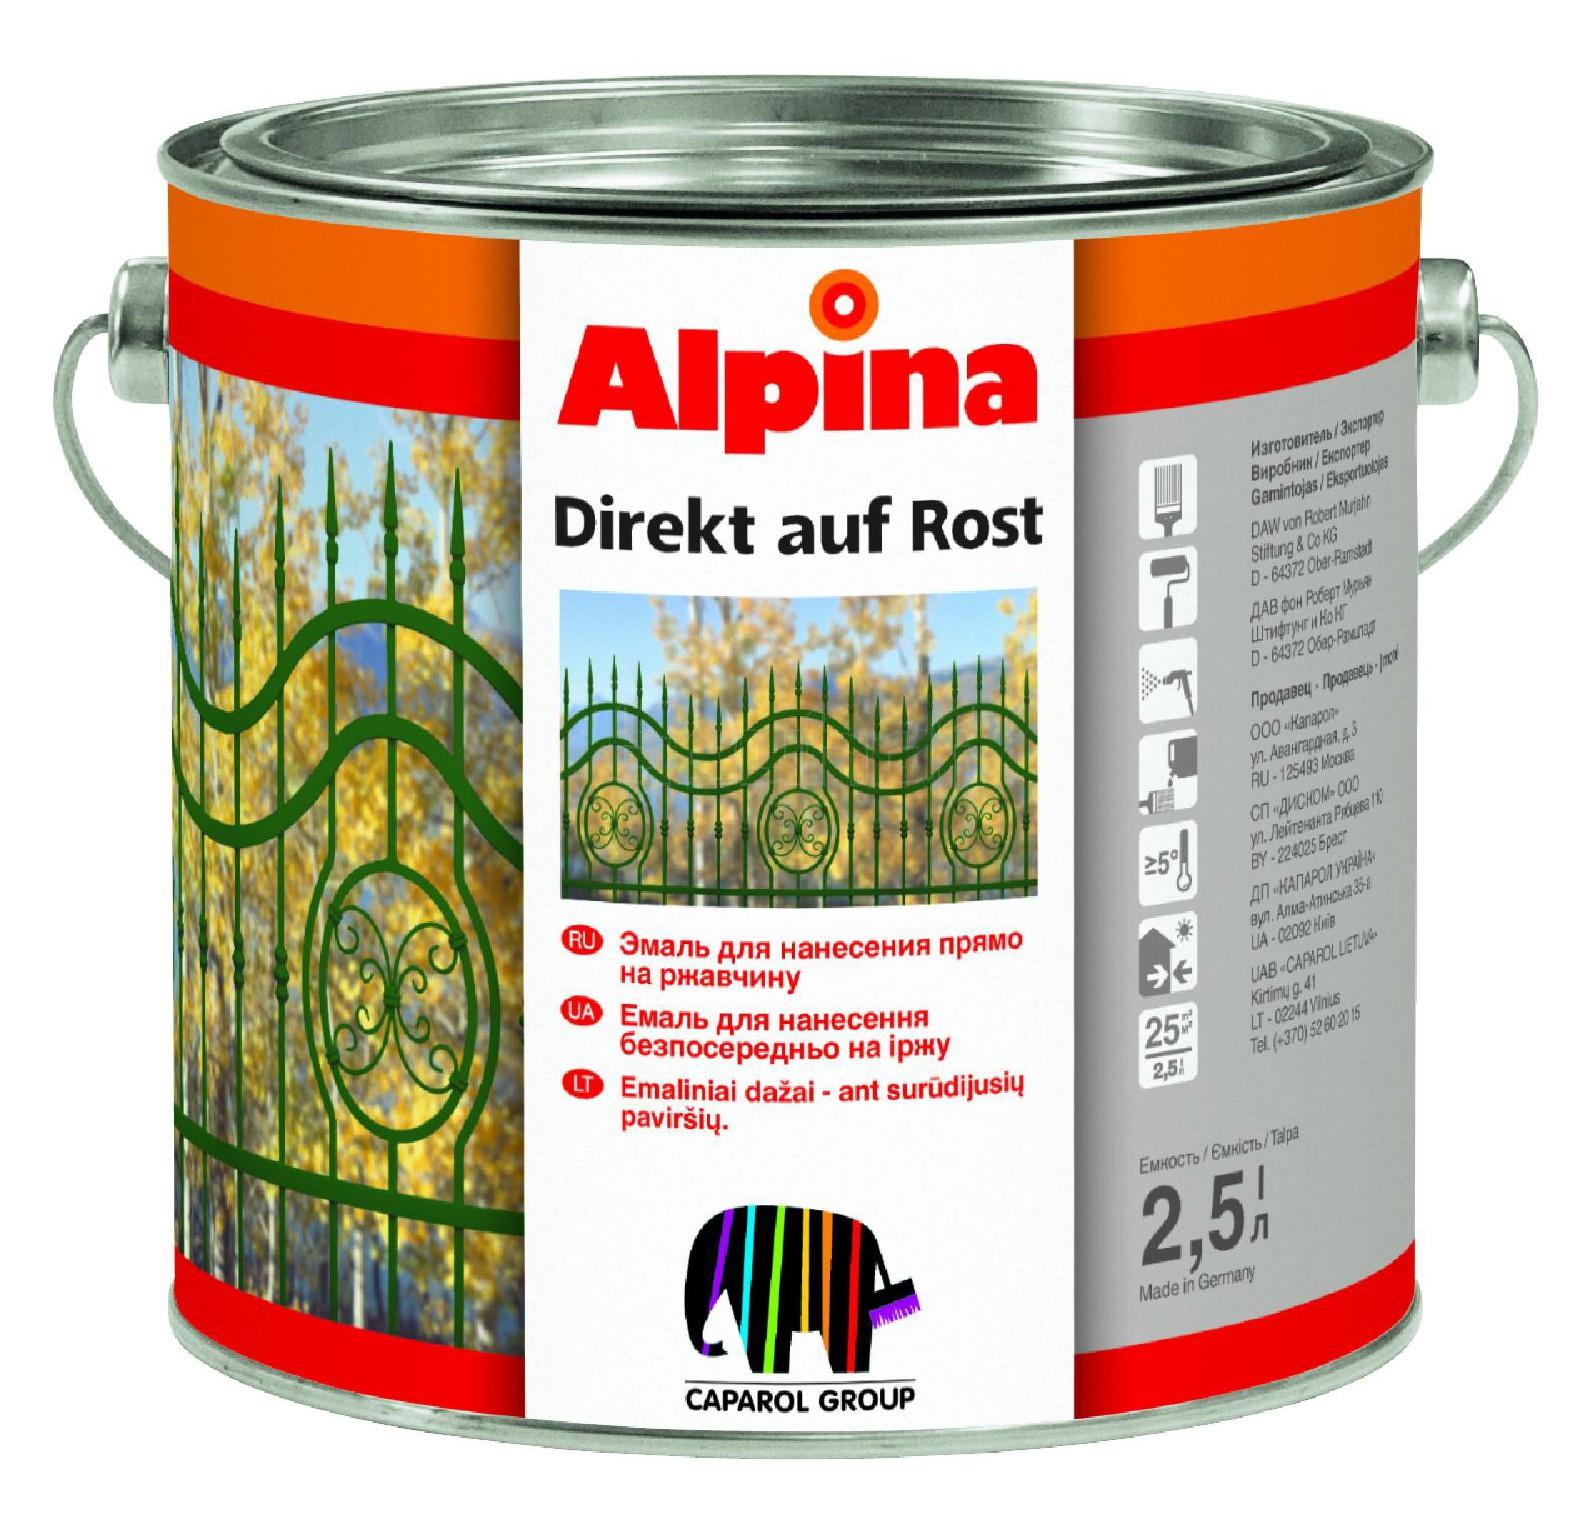 Alpina Direkt Auf Rost 2.5 л, Грунт-эмаль алкидная по ржавчине (серебряная) фото